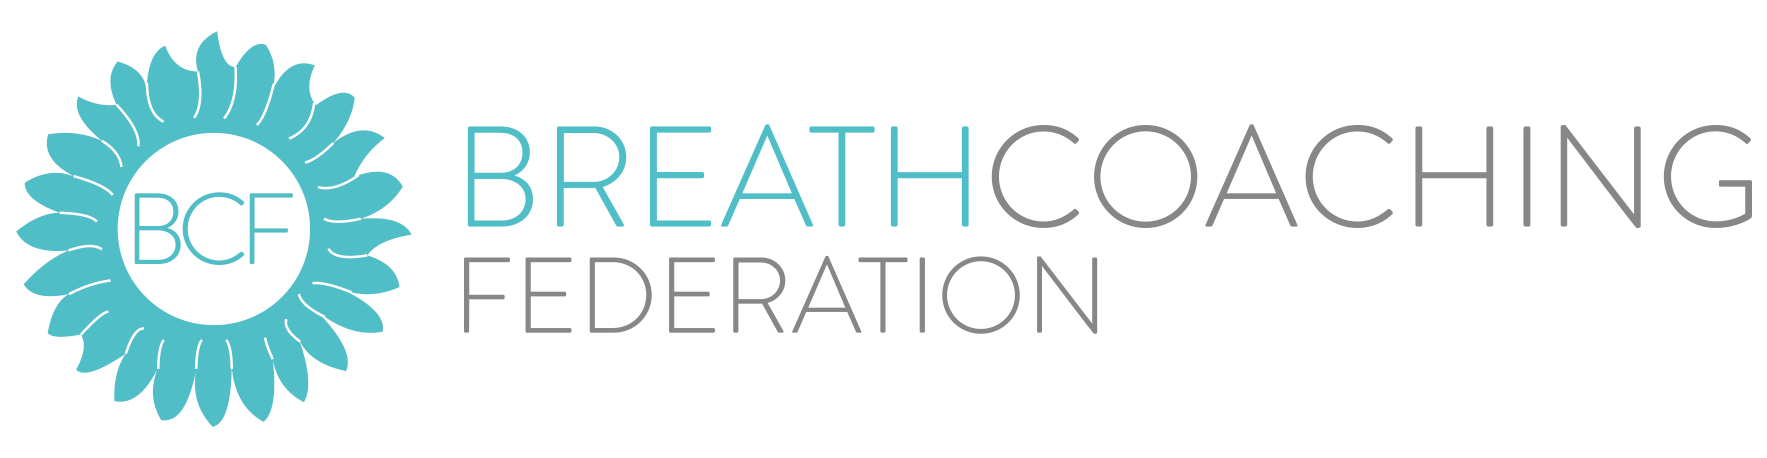 Breath Coaching Federation